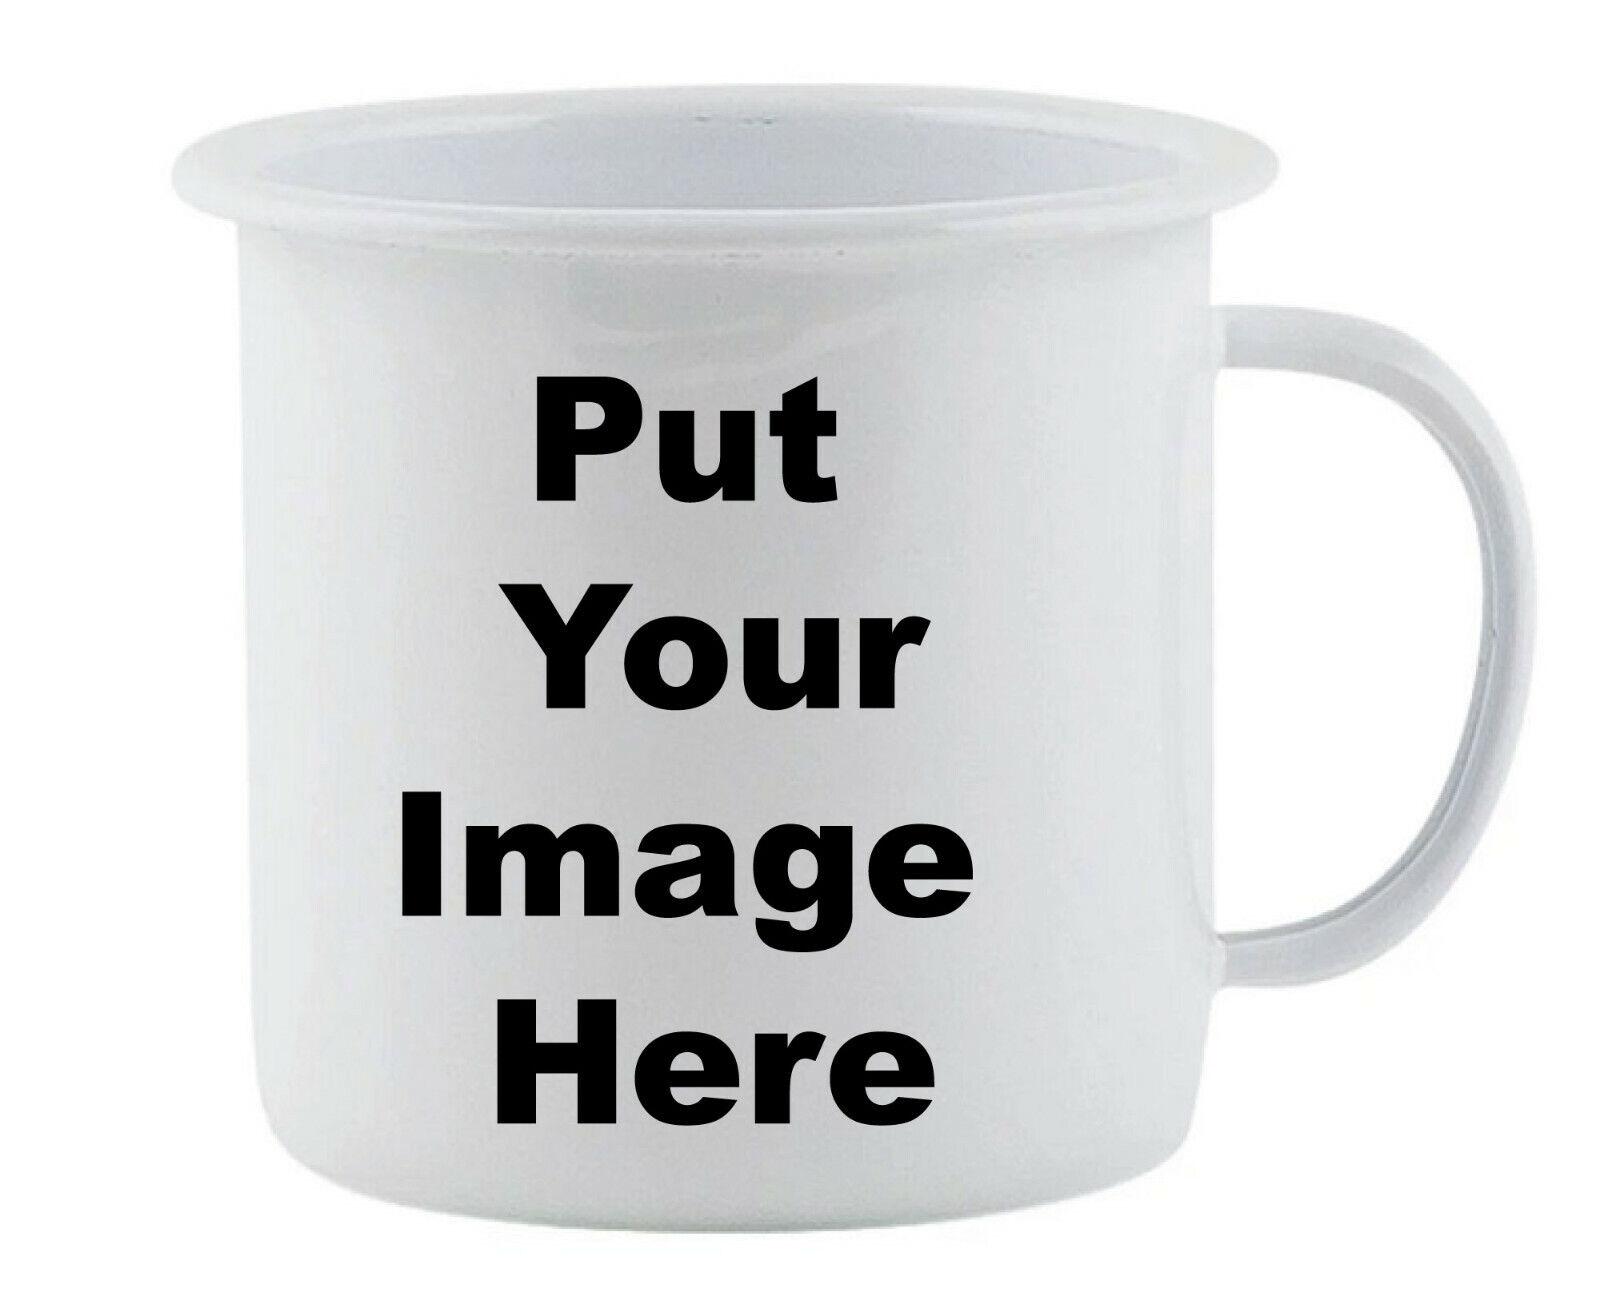 PERSONALISED MUG, PHOTO MUG, CUSTOM DESIGN YOUR OWN MUG, TEXT IMAGE LOGO GIFT 2